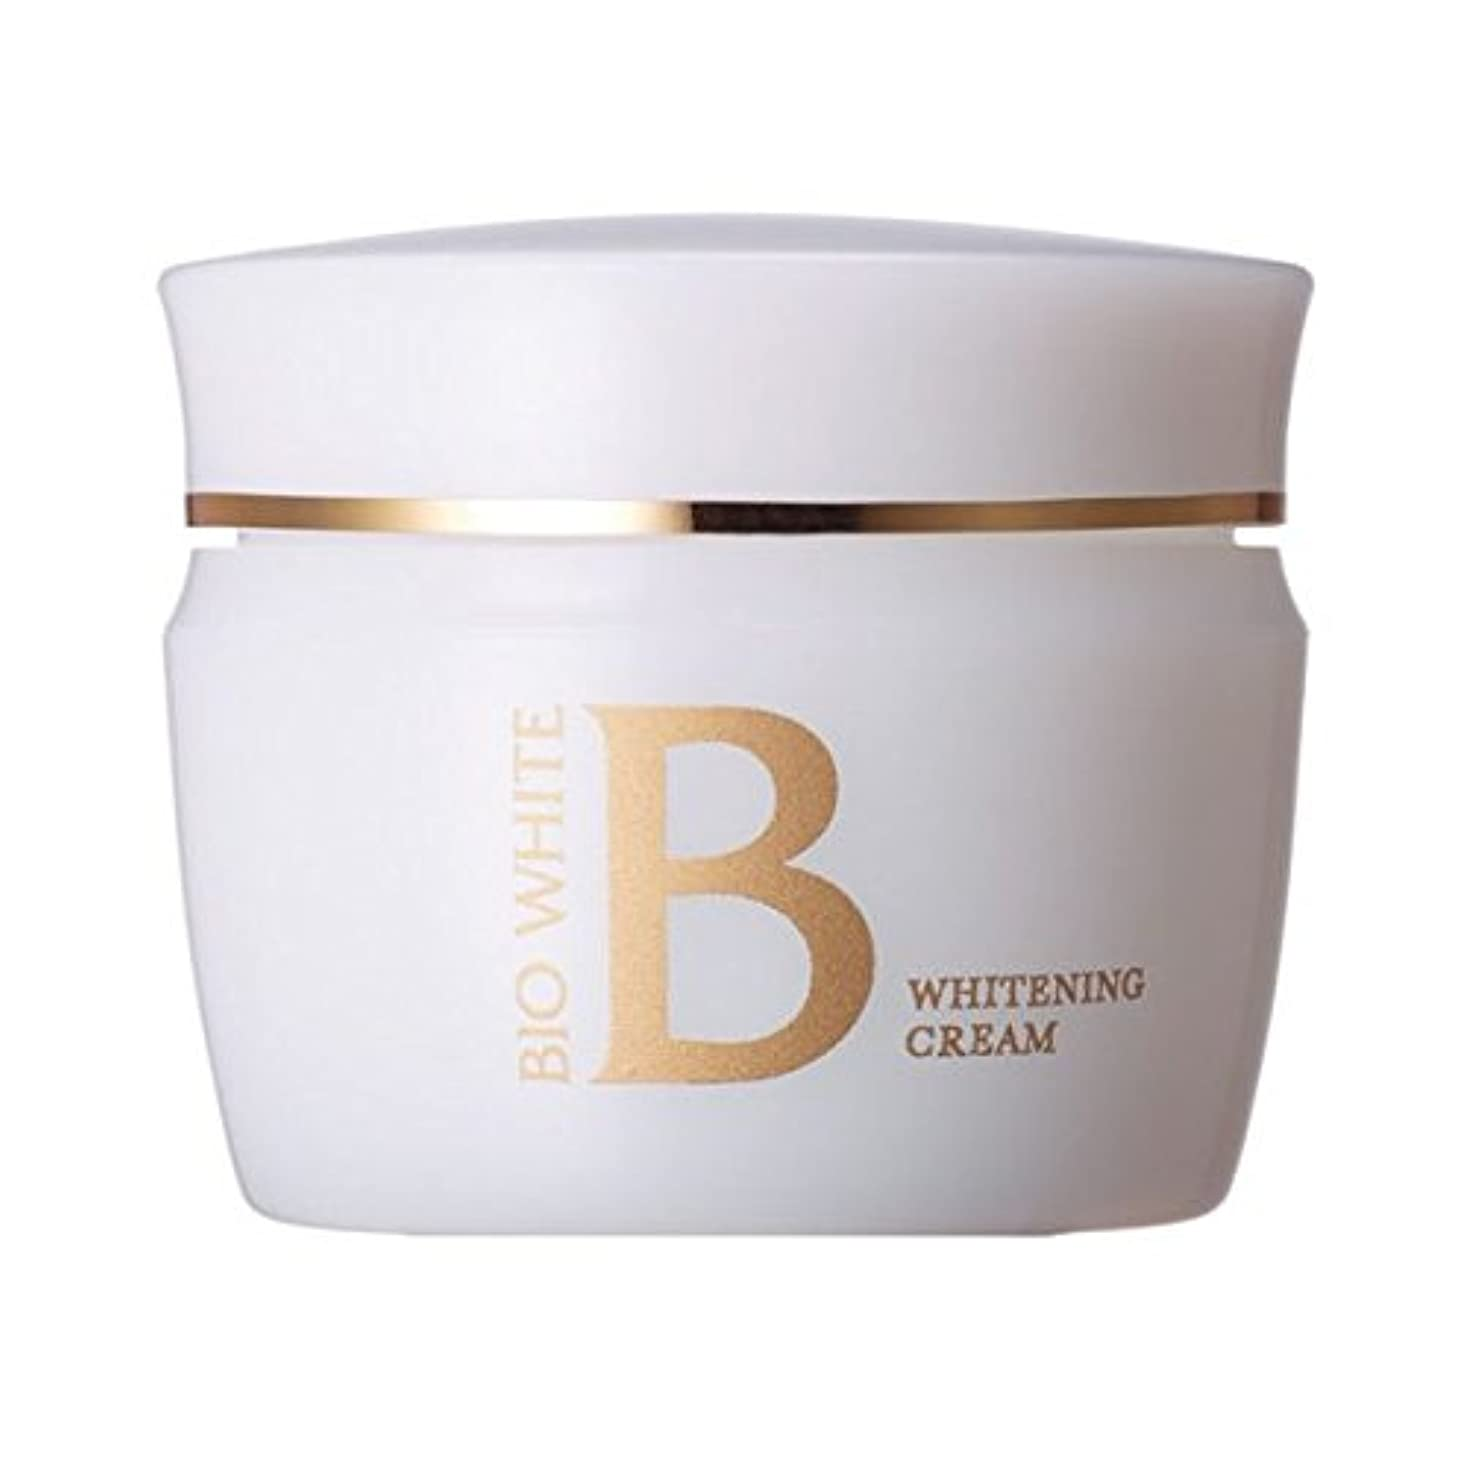 メロディアスマルクス主義海港エビス化粧品(EBiS) ビーホワイトクリーム40g トラネキサム酸配合 美白クリーム フェイスクリーム